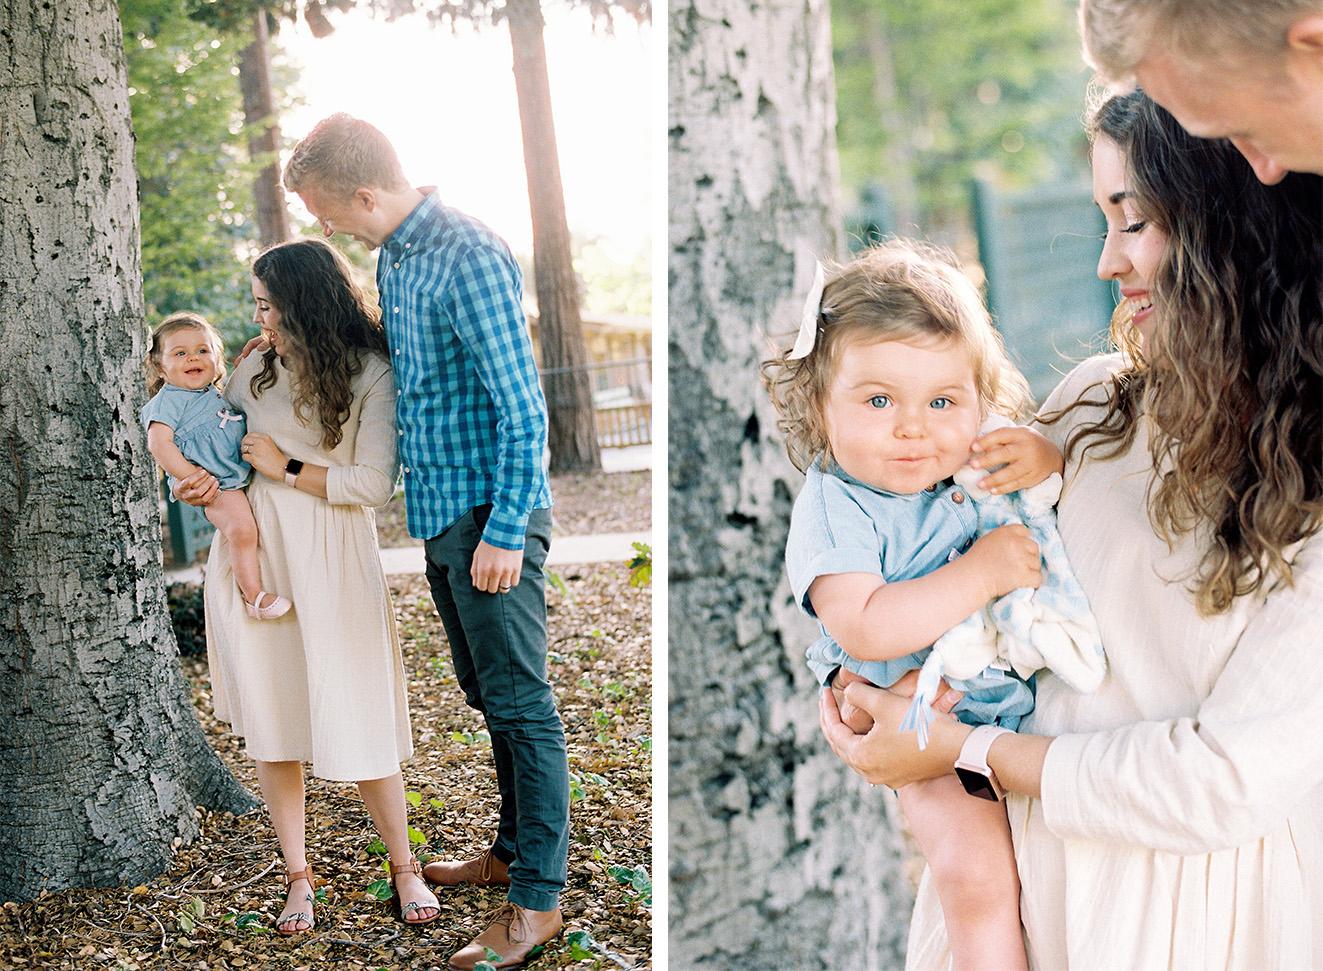 paloaltofamilyphotographer.jpg